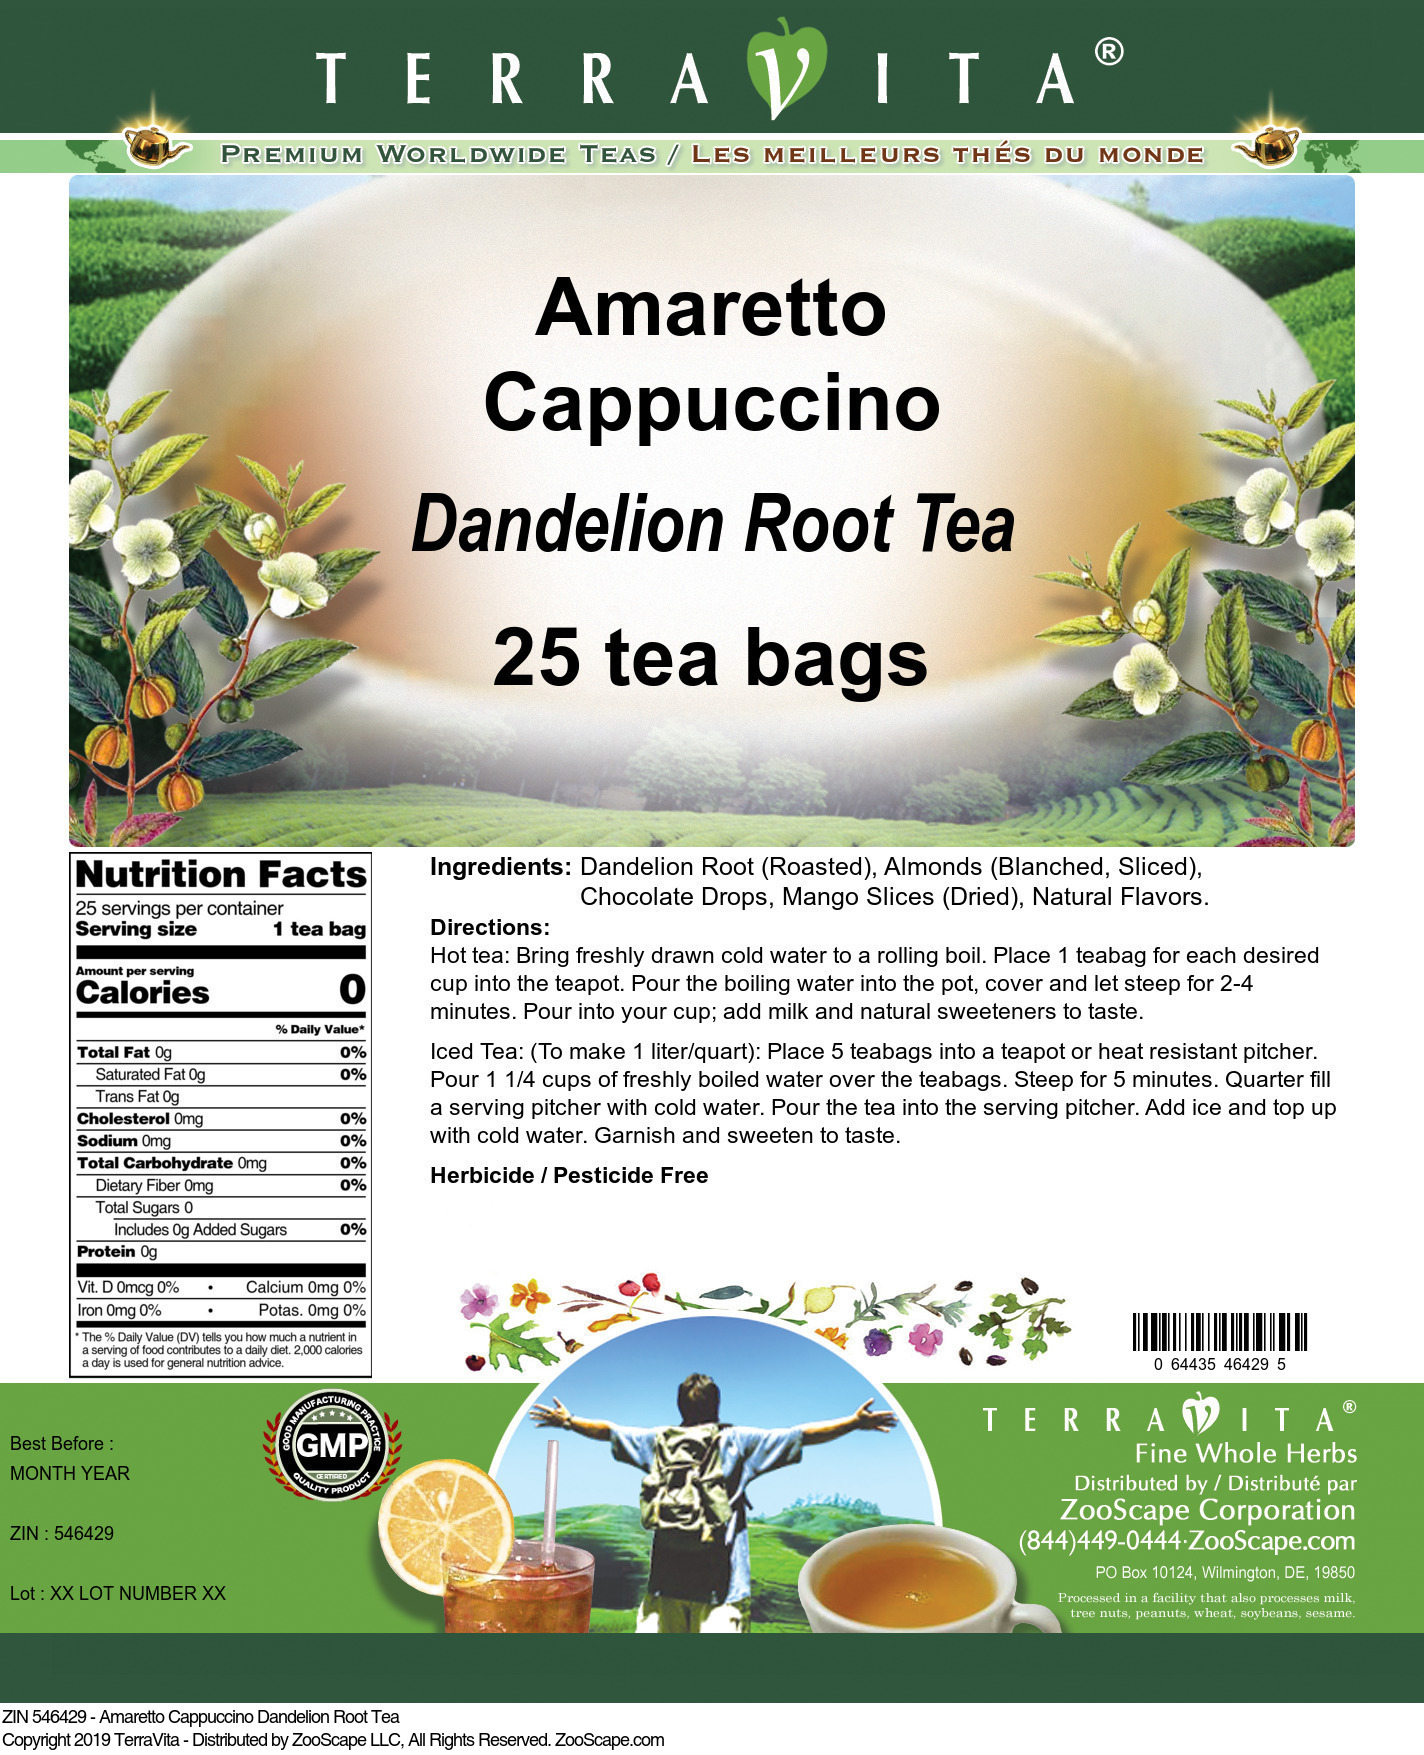 Amaretto Cappuccino Dandelion Root Tea